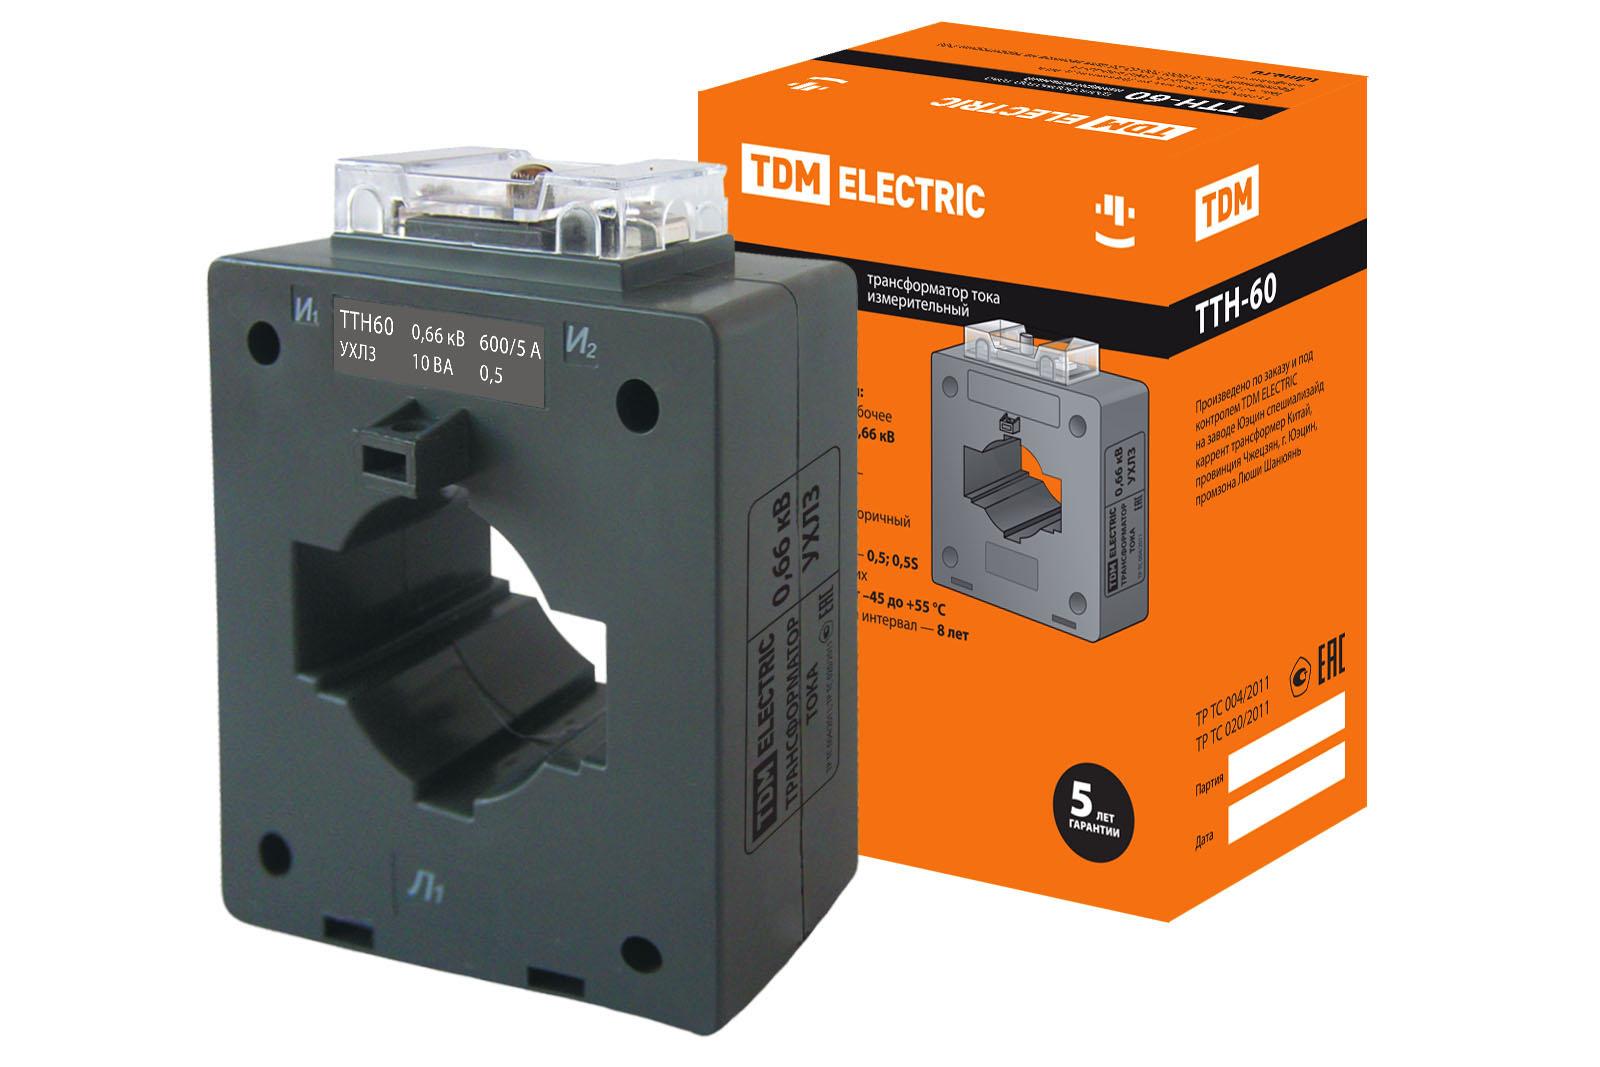 Трансформатор Tdm Sq1101-0122 от 220 Вольт